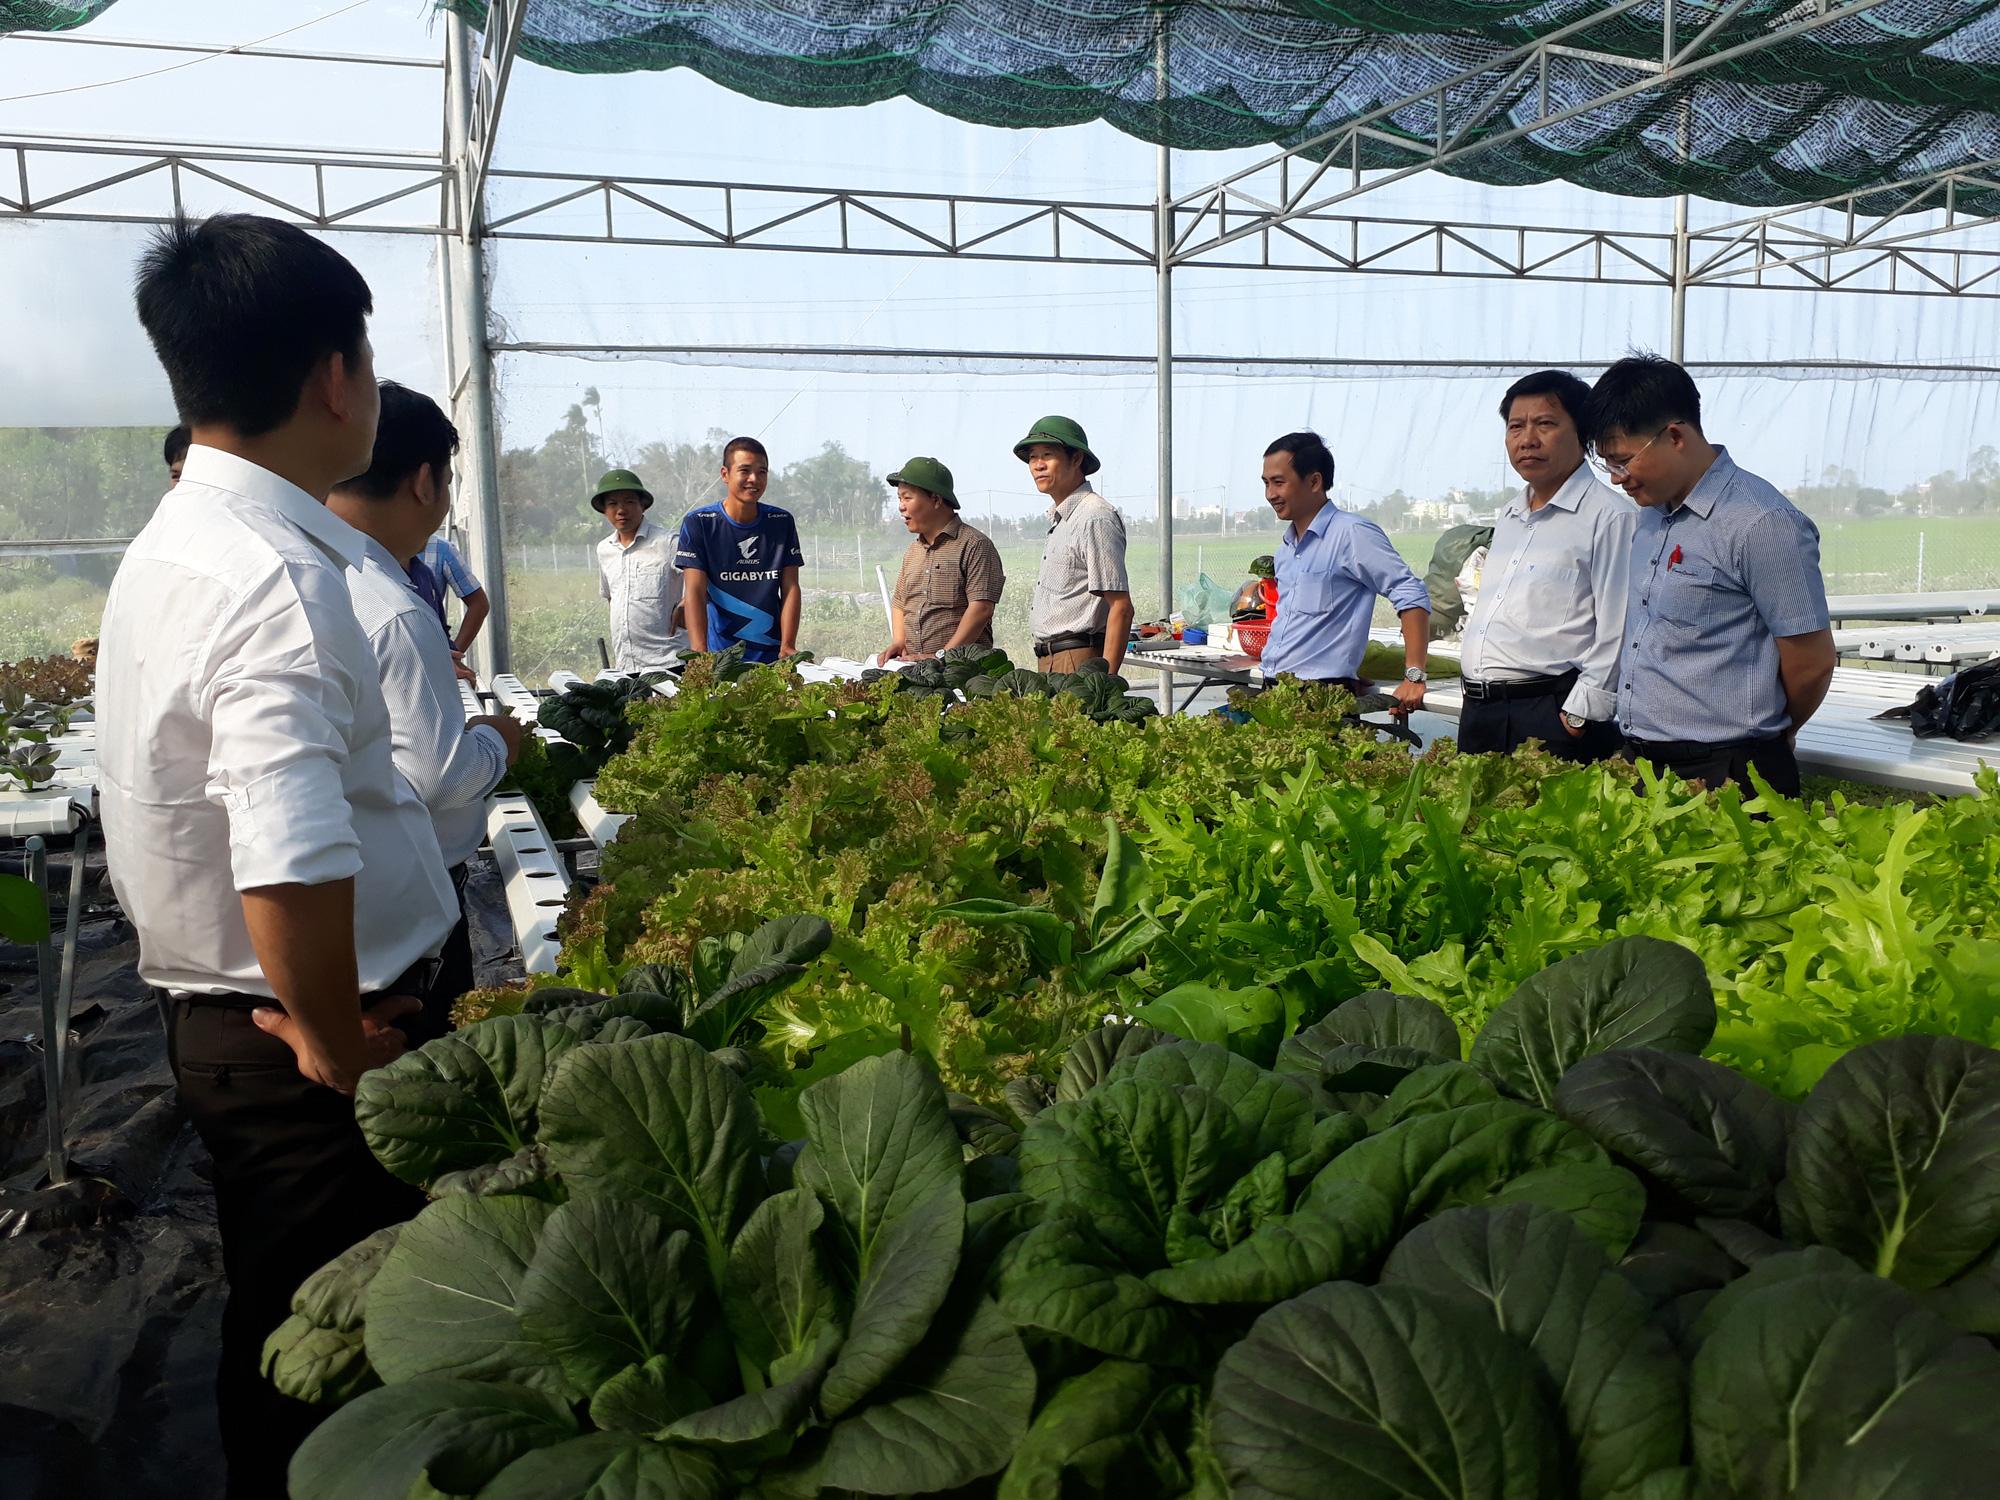 Quảng Nam: Thành phố Tam Kỳ đạt chuẩn Nông thôn mới, dân vùng nông thôn có thu nhập gần 54 triệu đồng/năm - Ảnh 2.